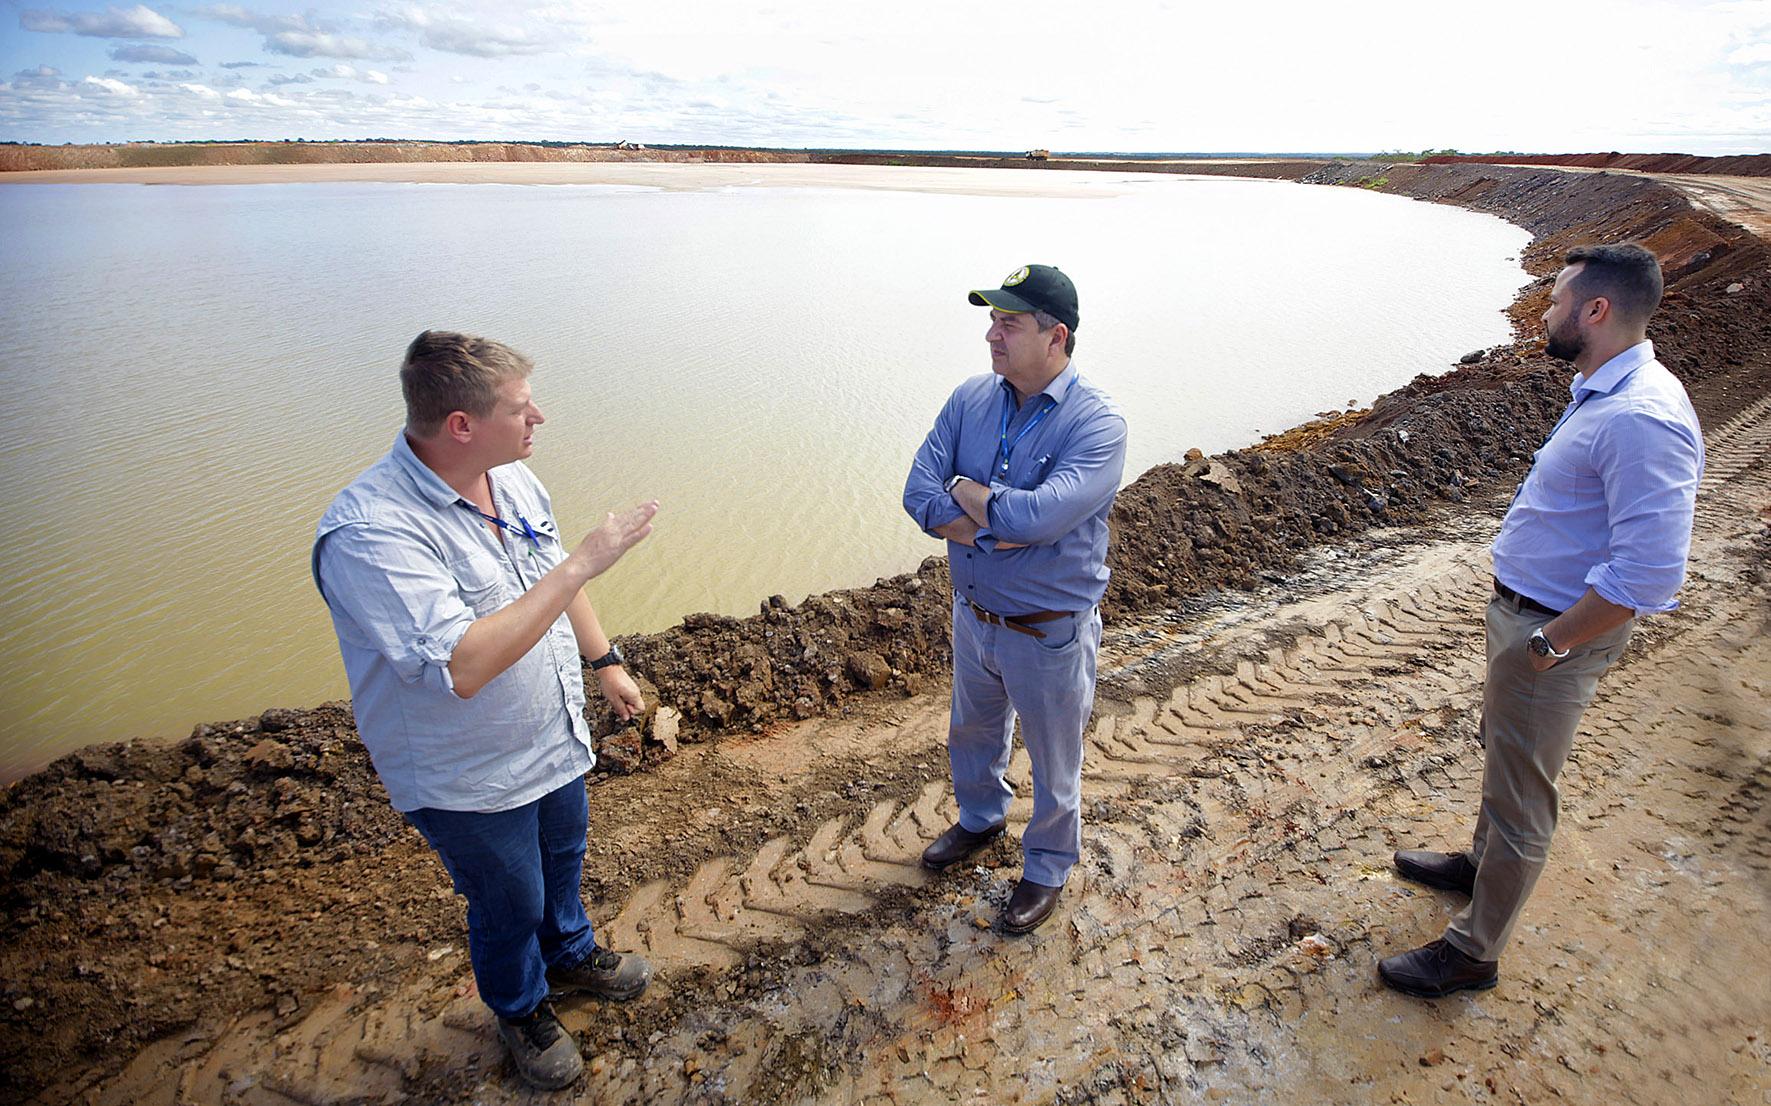 inspecao em barragem conselheiro guilherme maluf